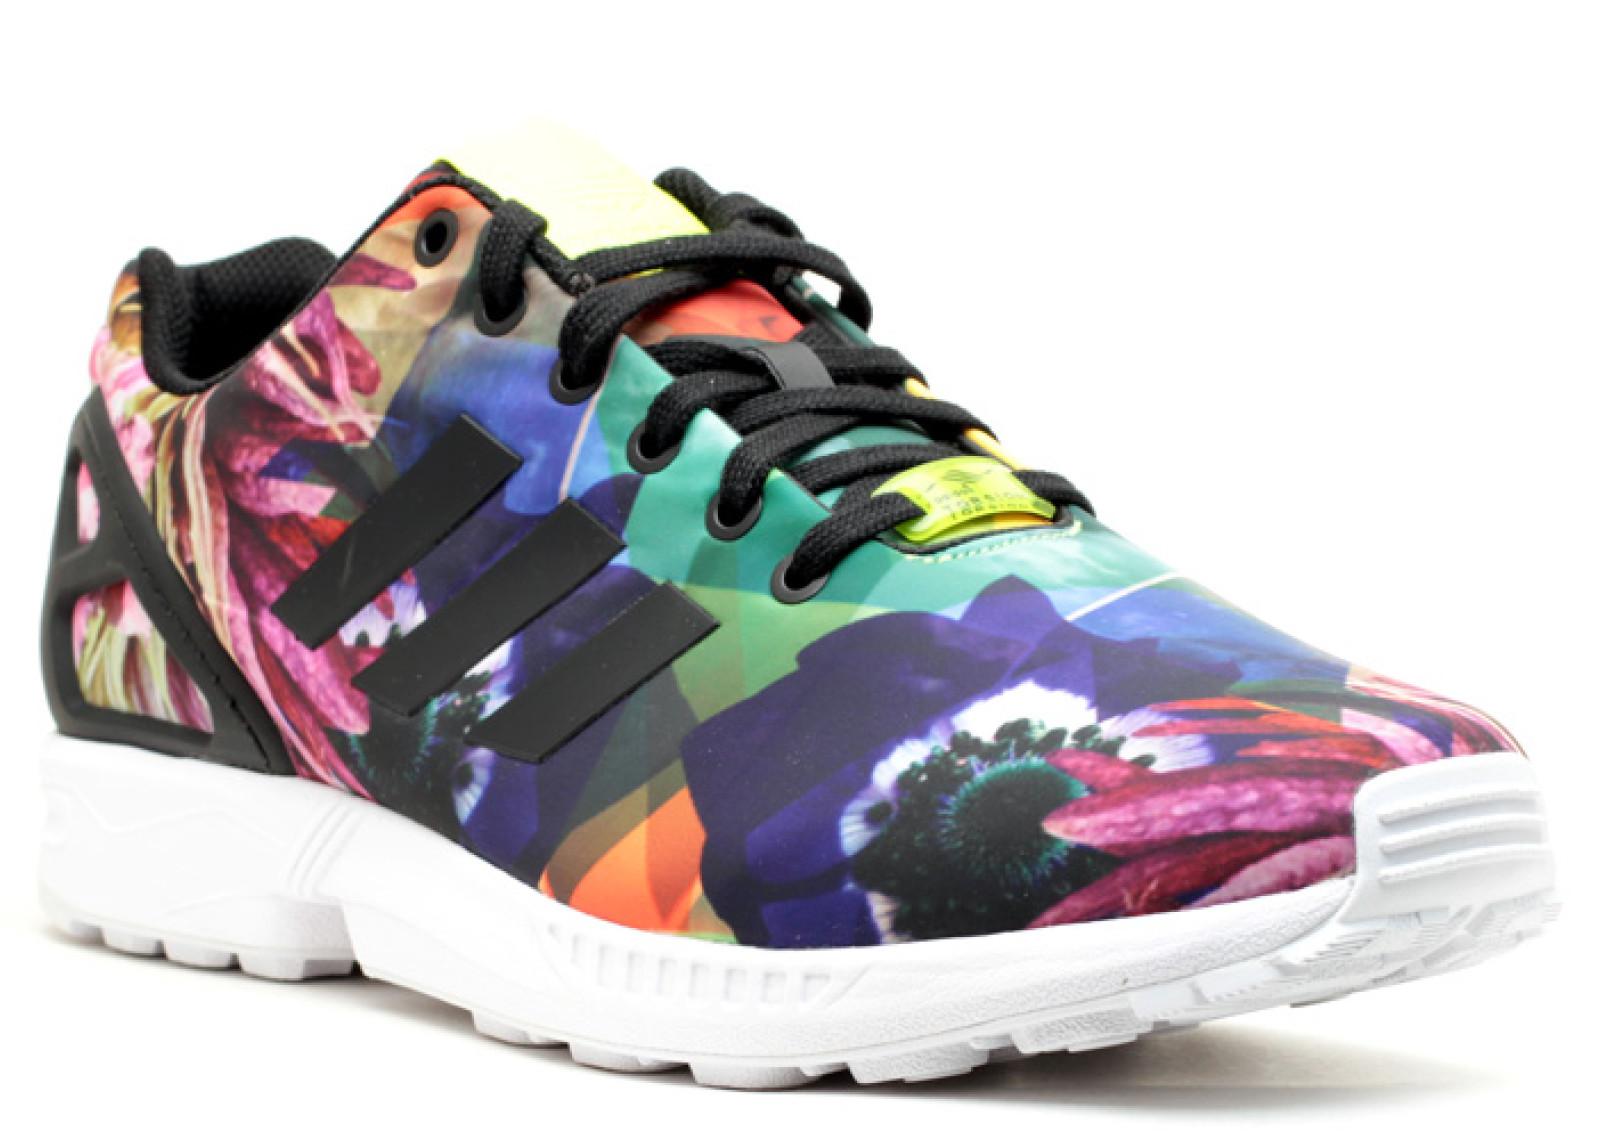 Zx Fluxes | Adidas Zx Flux Lightning | Zx Flux Floral